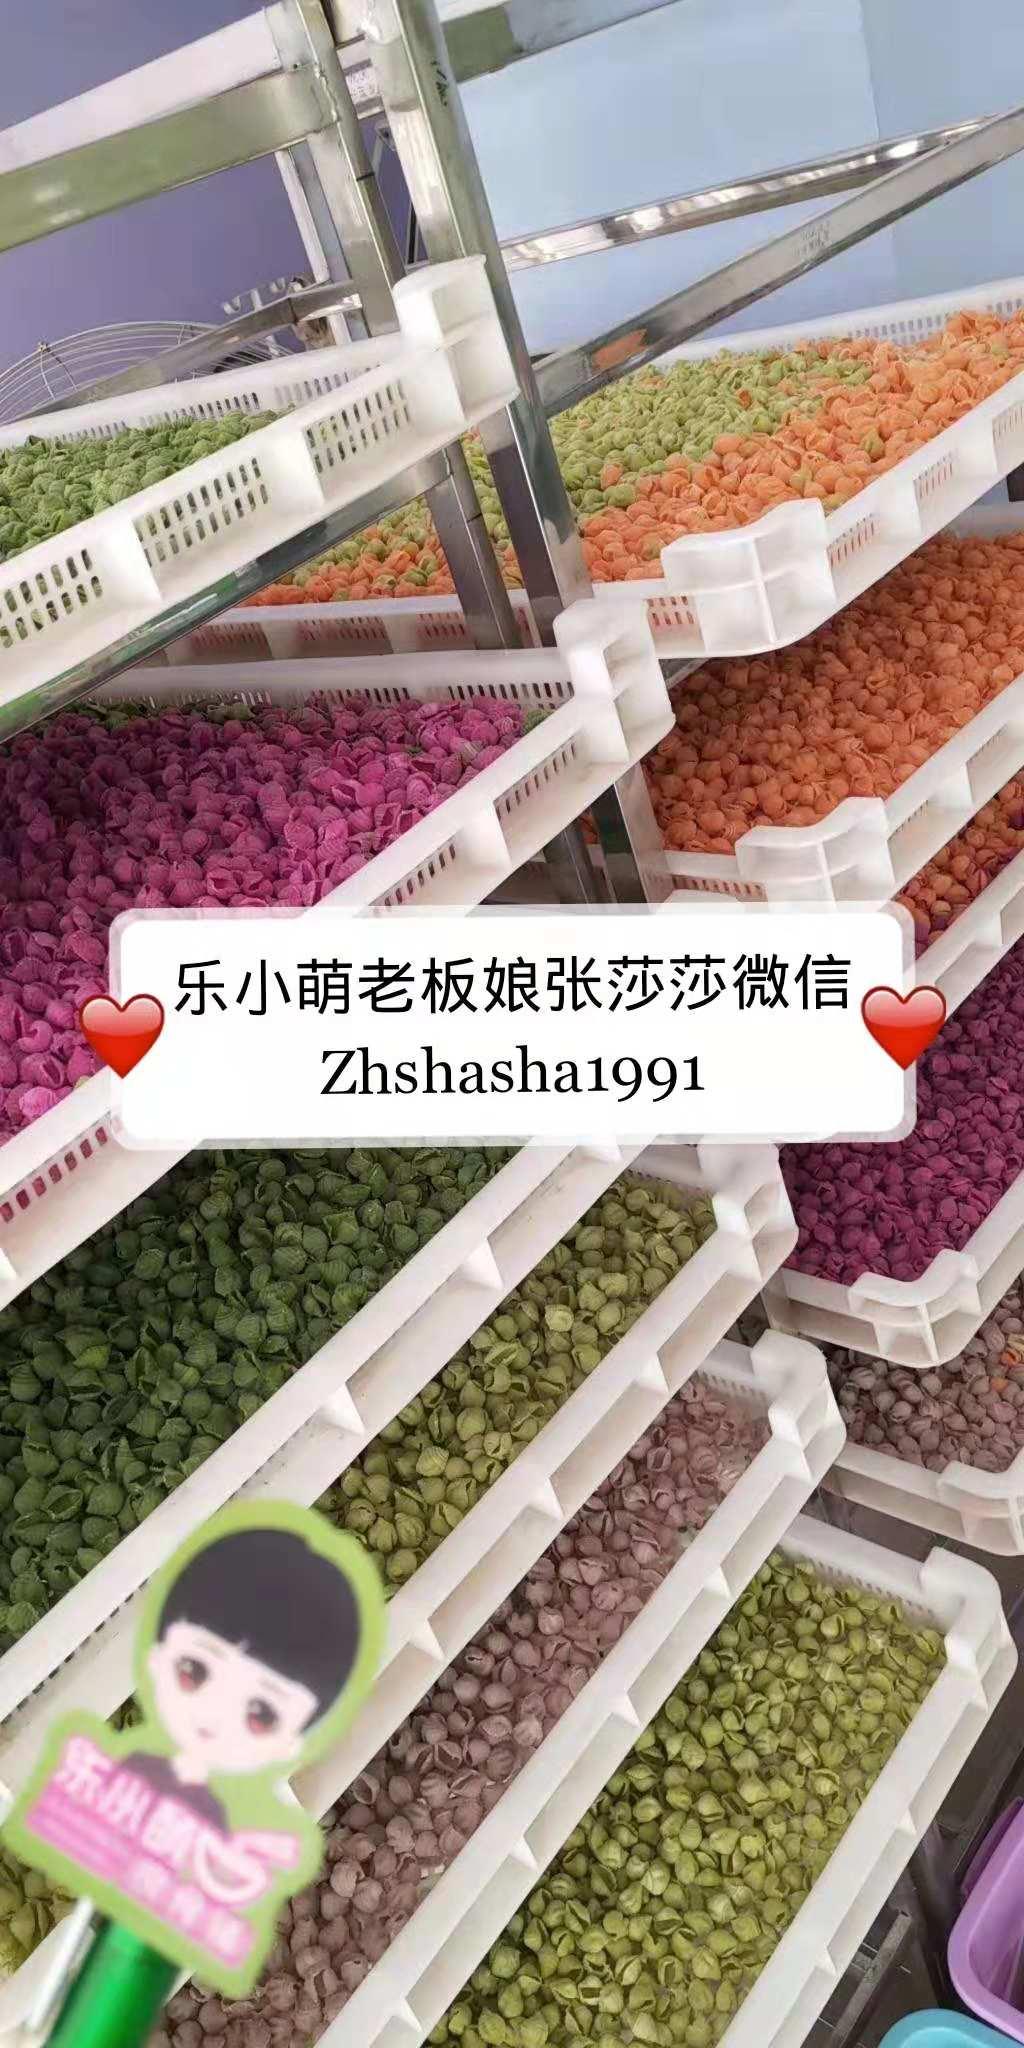 乐小萌创始人张莎莎老板娘培训微商小白吗?代理果蔬面市场前景如何?